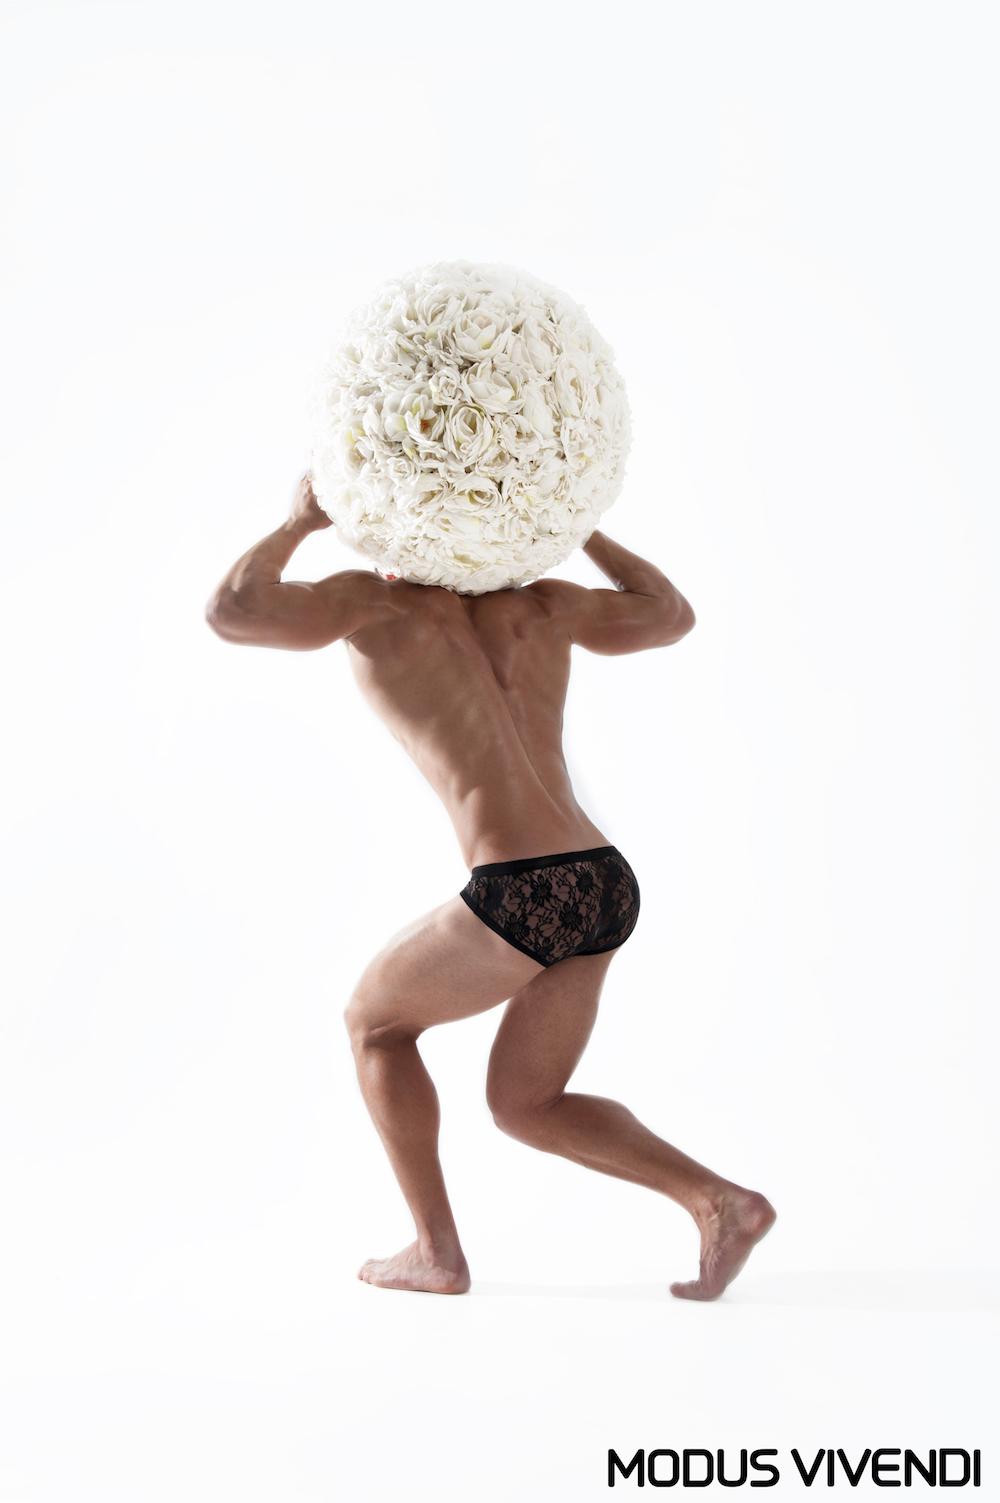 Modus Vivendi - Lacenet line (Limited edition underwear)